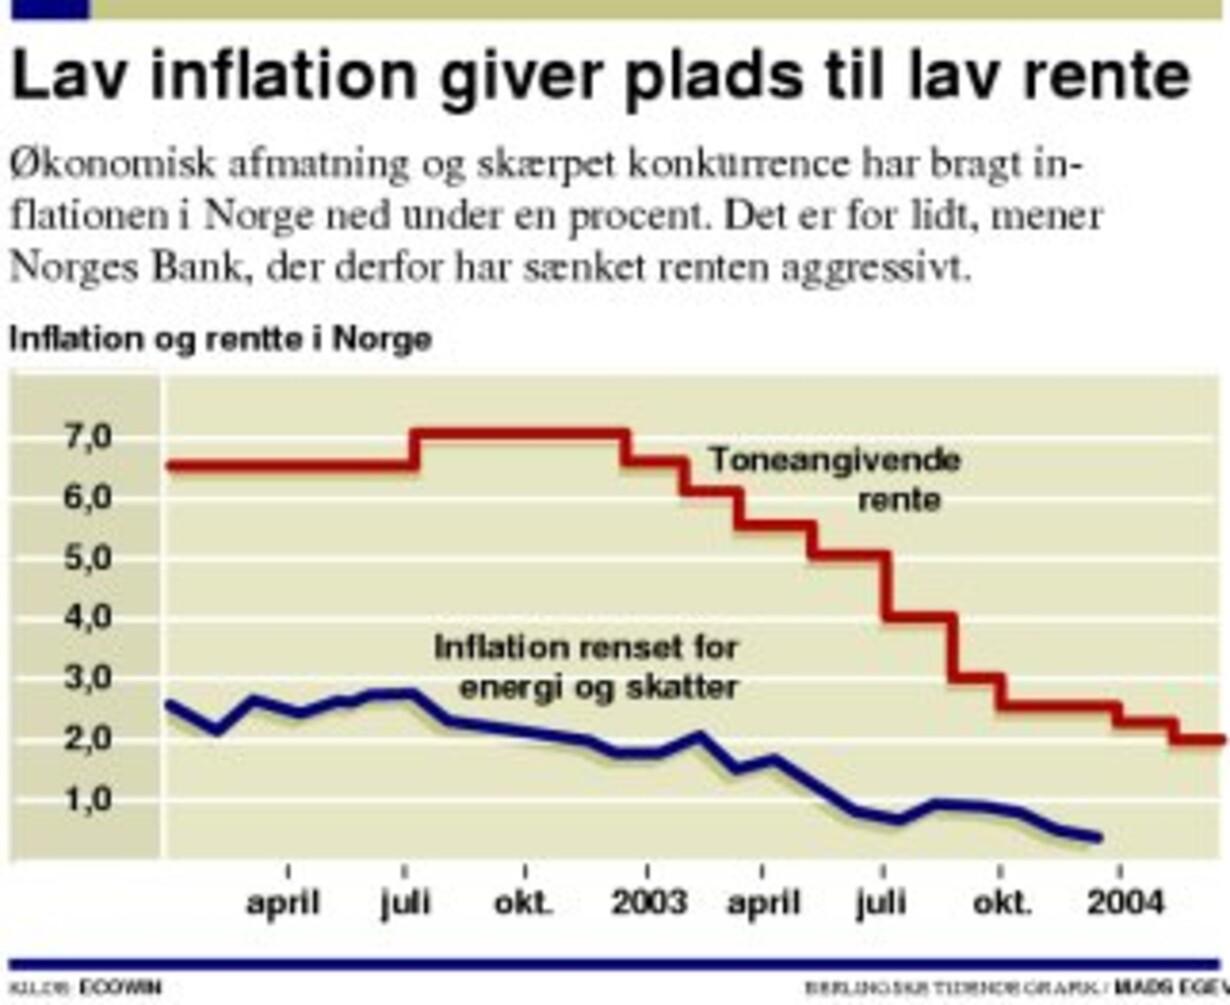 Faldende inflation sænker Norges rente - 1